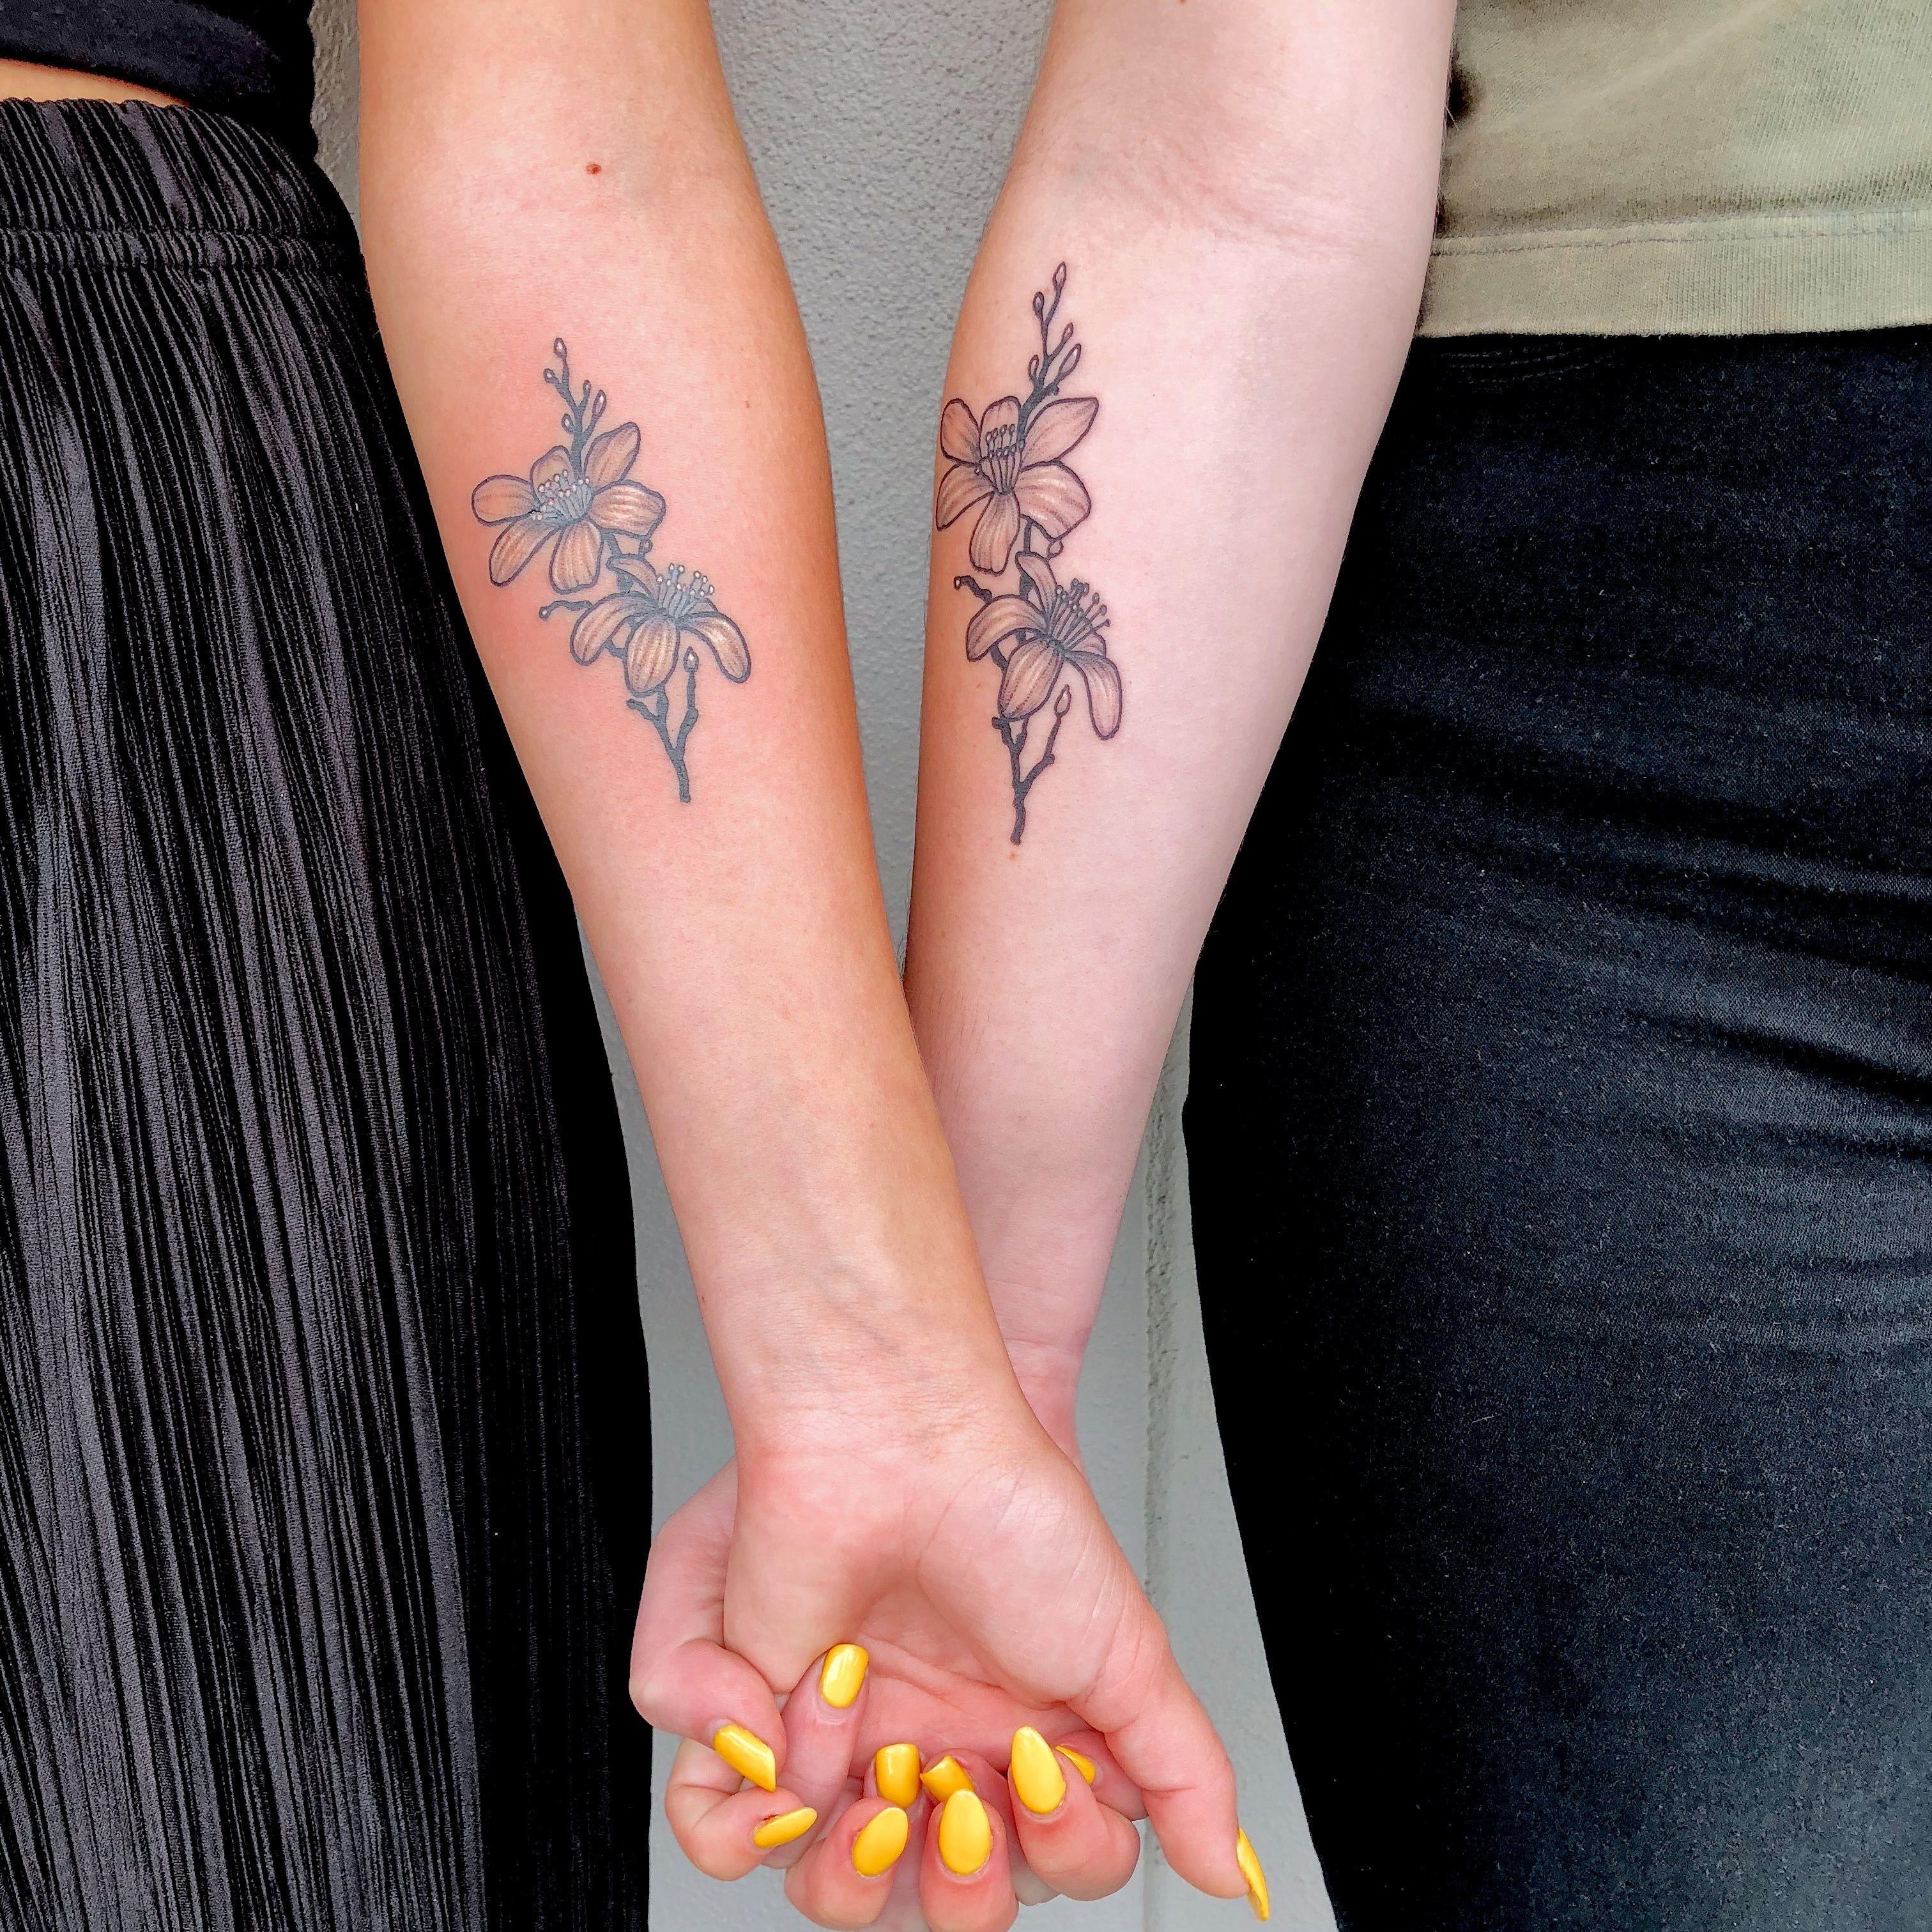 Orange Blossom Tattoo Blossom Tattoo Tattoos Friendship Tattoos